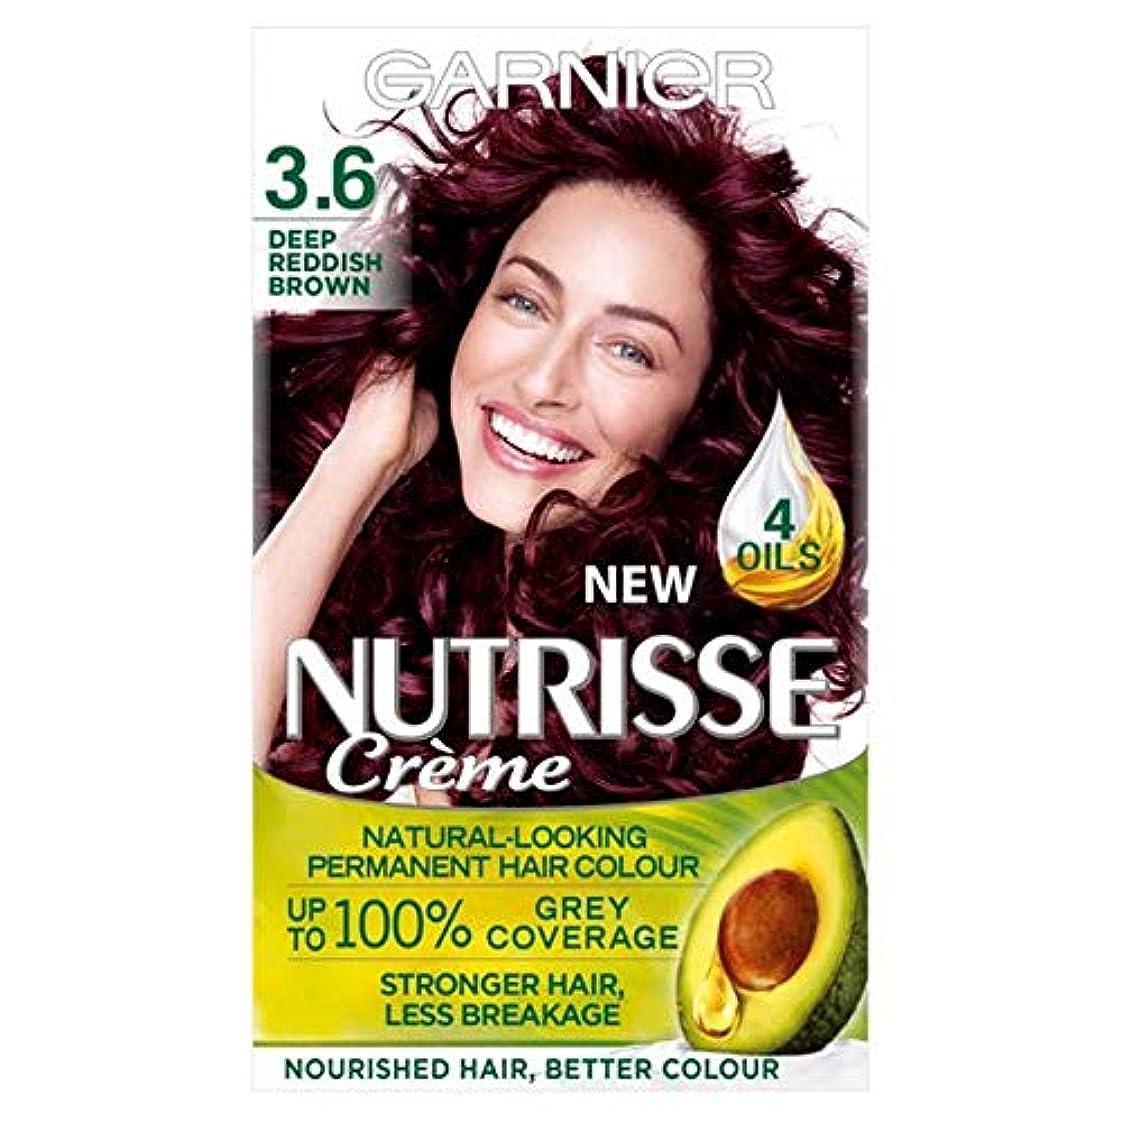 機関車相談する付与[Nutrisse] 3.6深い赤褐色の永久染毛剤Nutrisseガルニエ - Garnier Nutrisse 3.6 Deep Reddish Brown Permanent Hair Dye [並行輸入品]